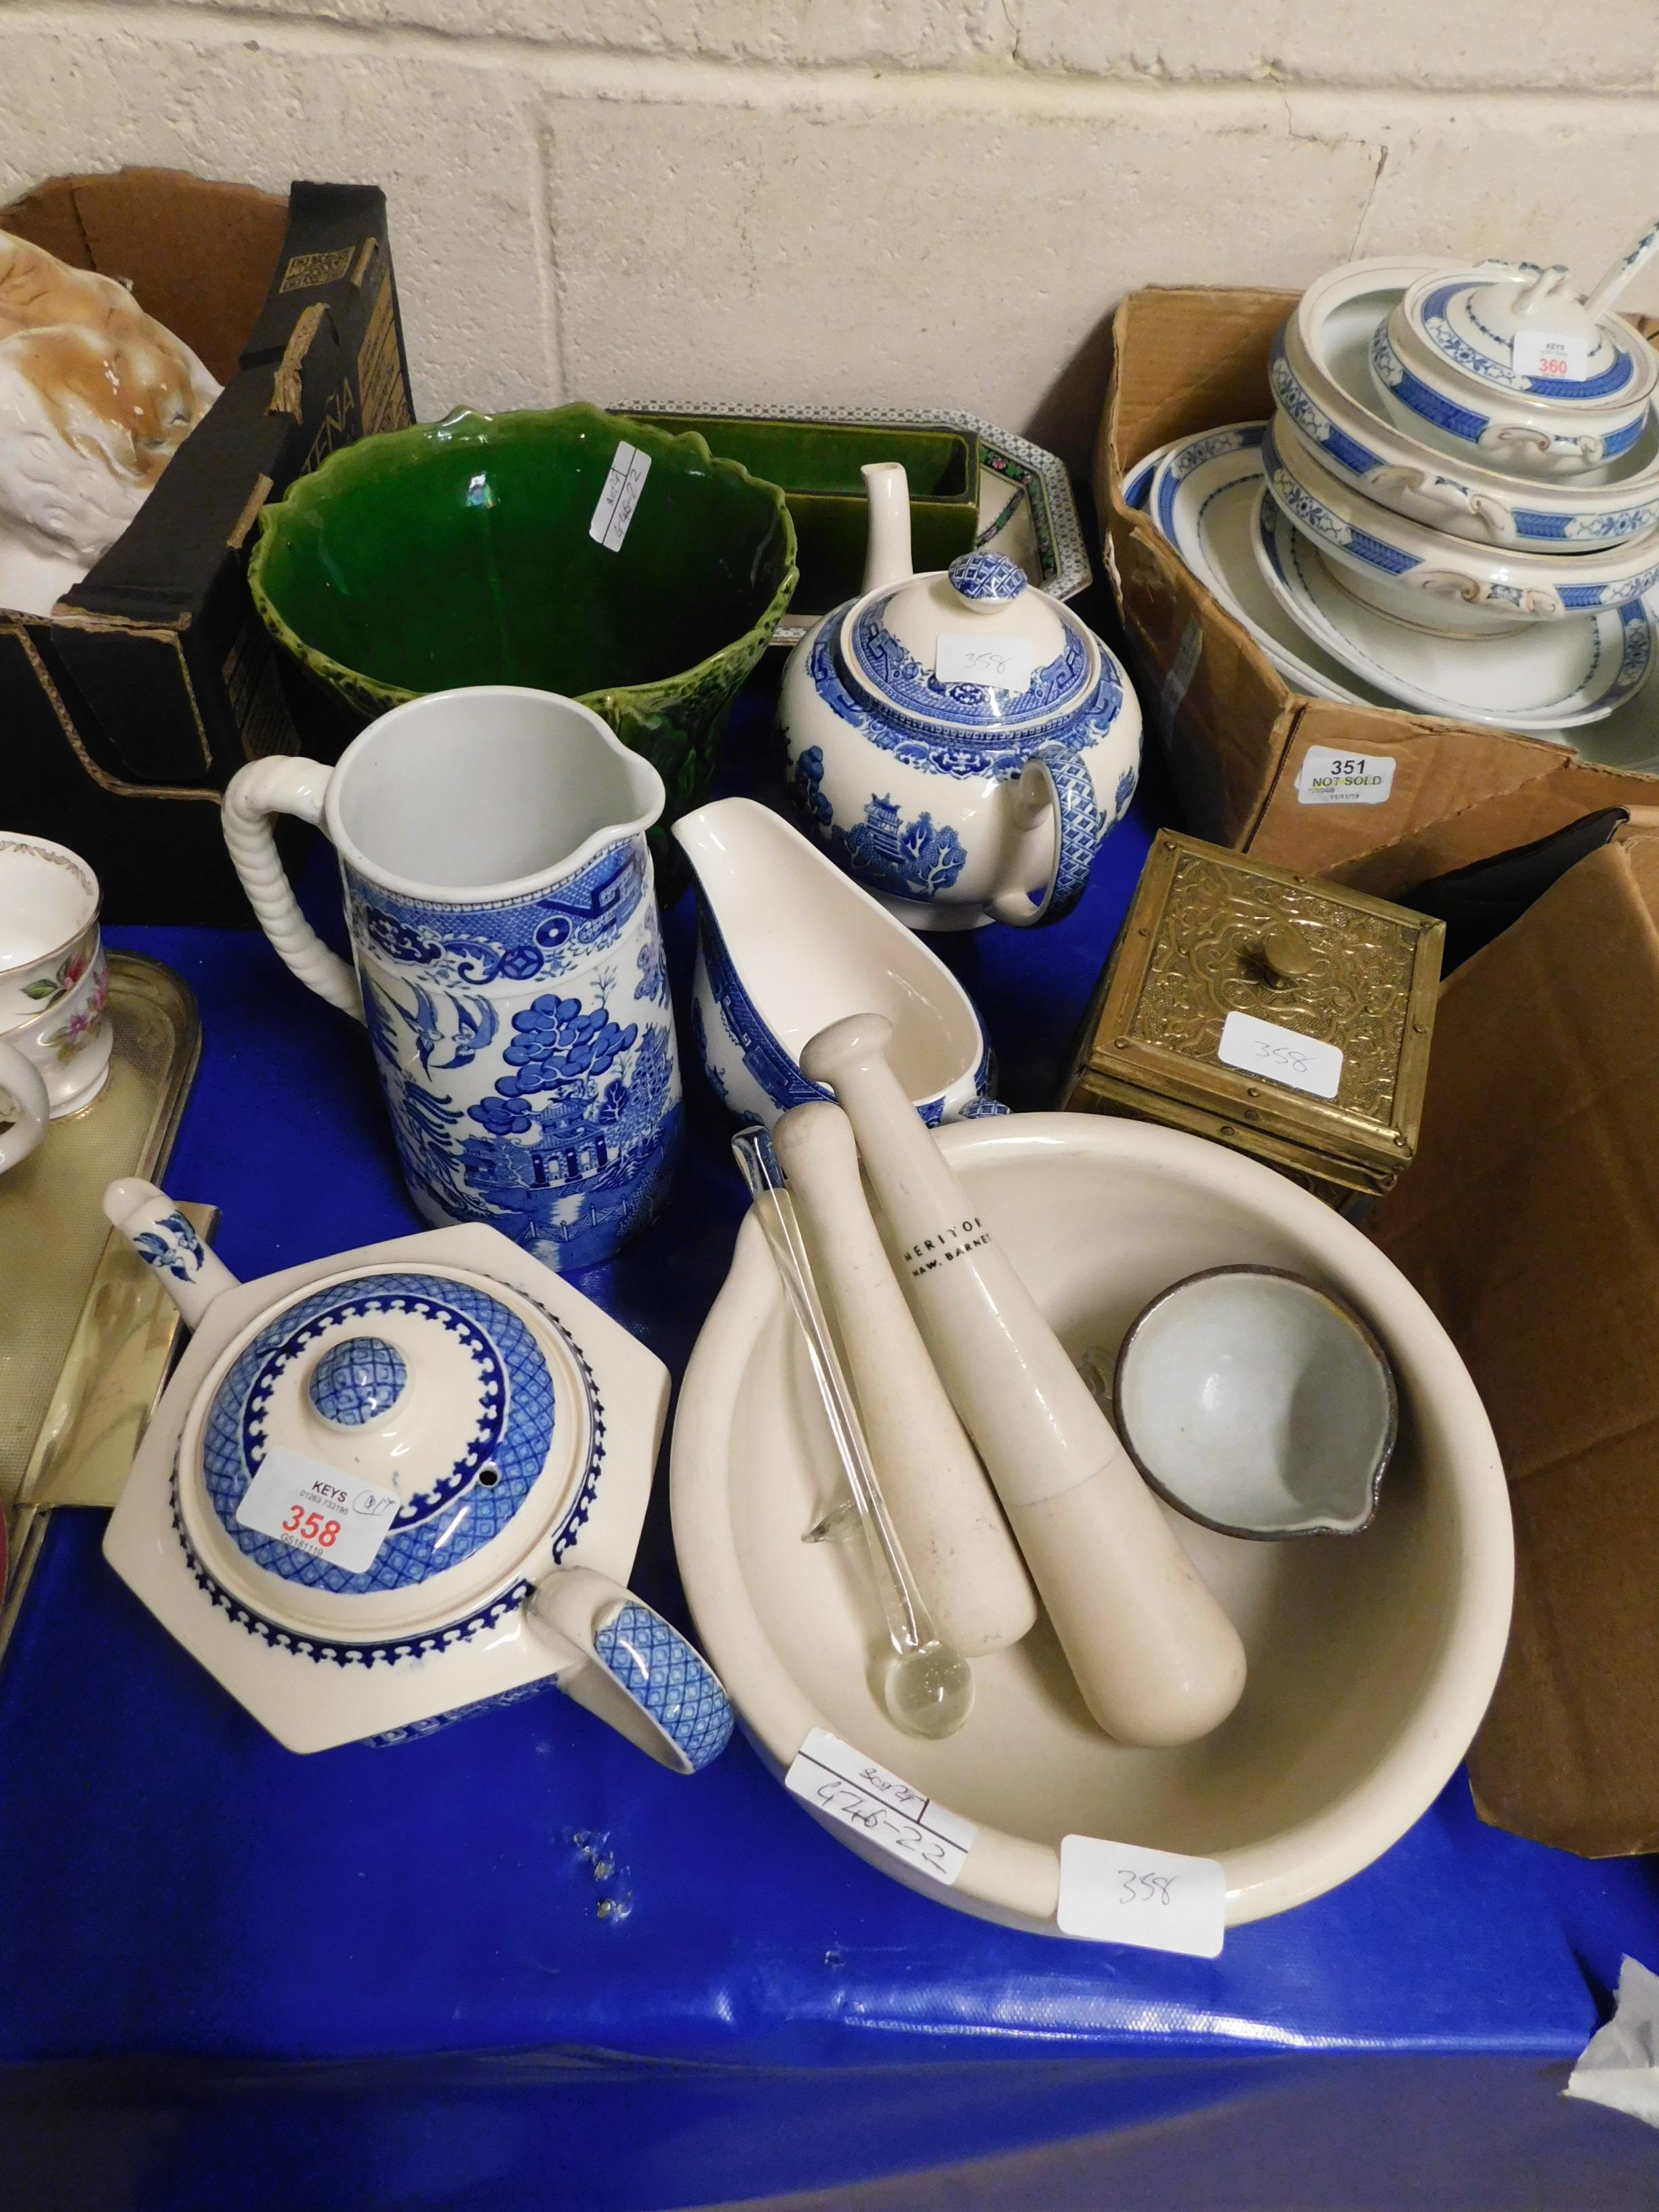 Lot 358 - MIXED LOT OF BLUE PRINTED TEA POTS, JUG, PESTLE AND MORTAR ETC